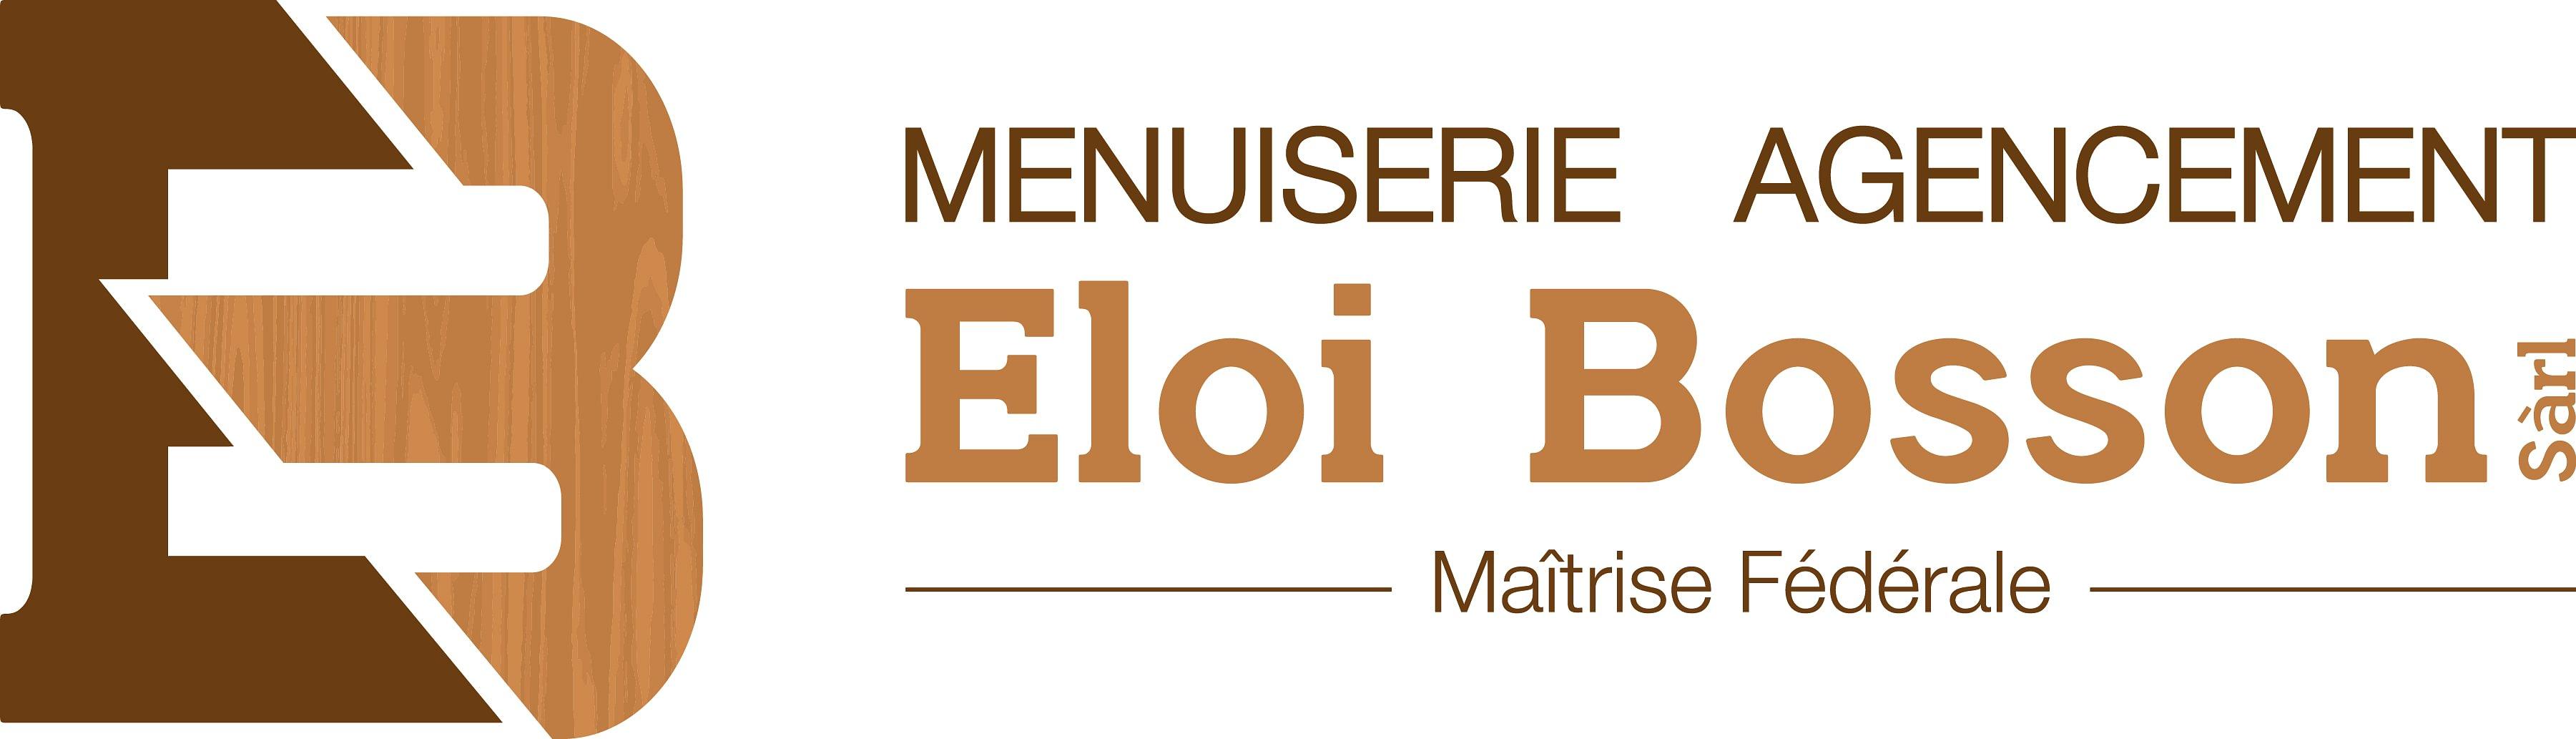 Menuiserie-Agencement Eloi Bosson Sàrl